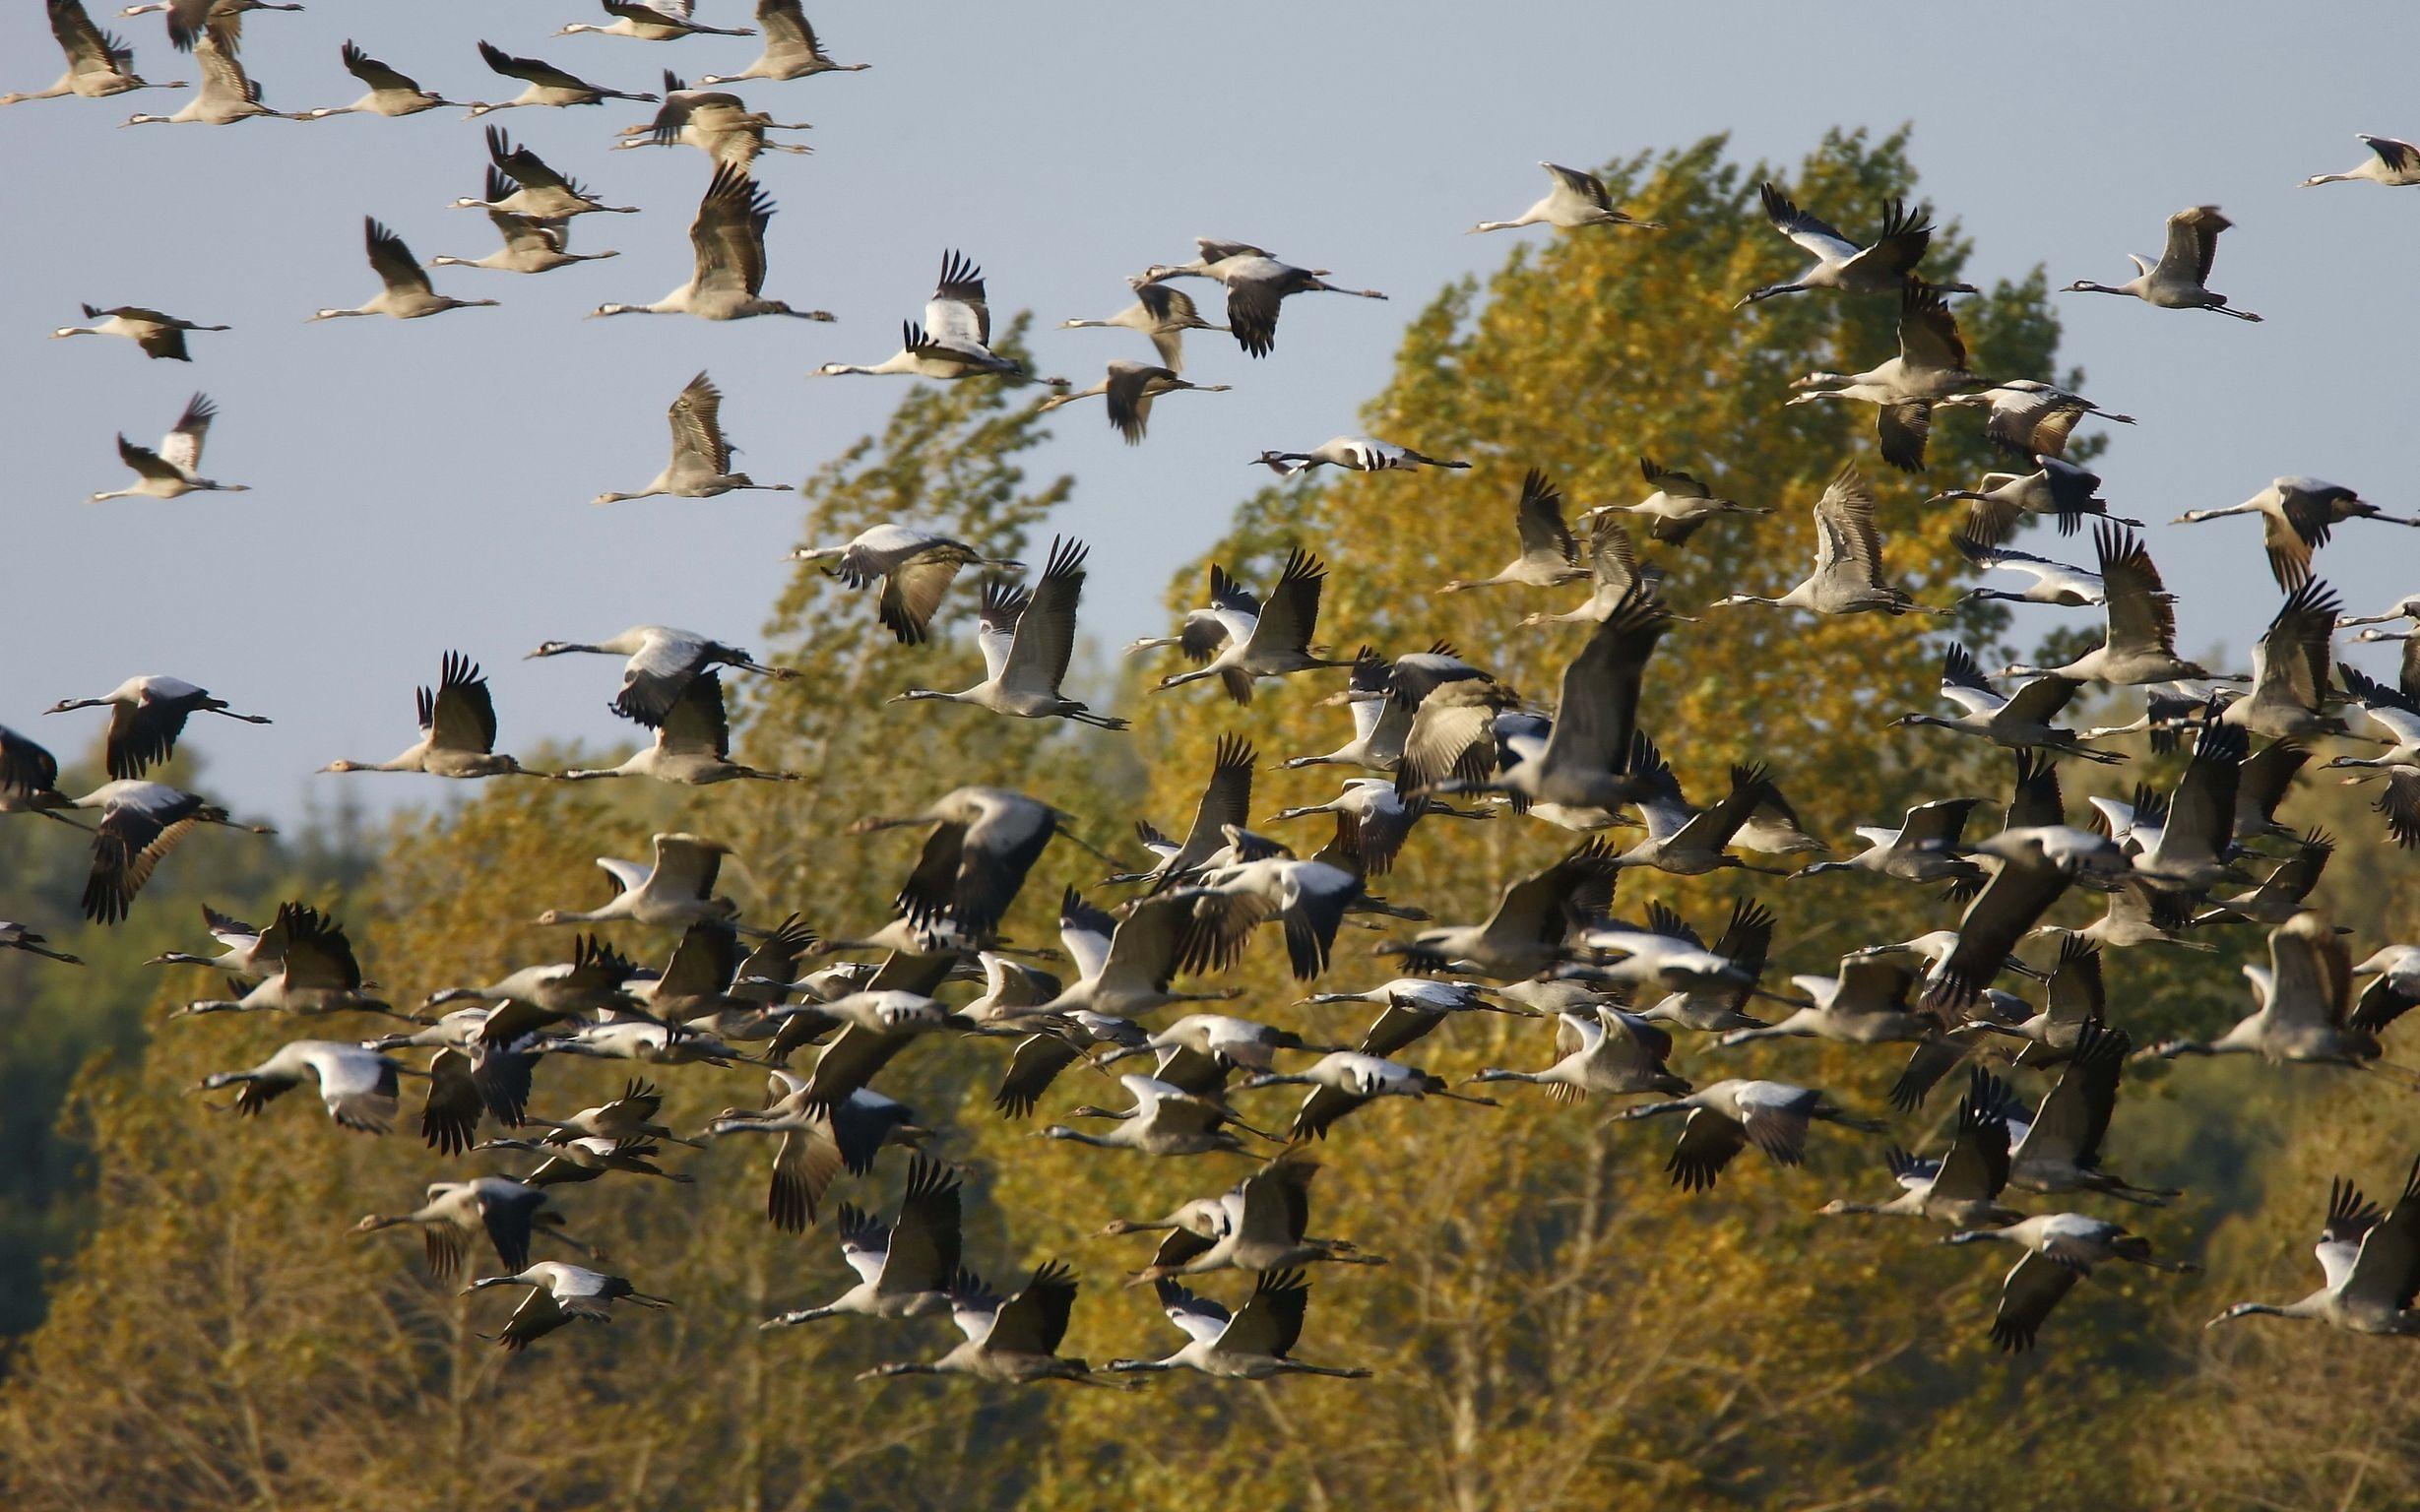 Фото с улетающими птицами